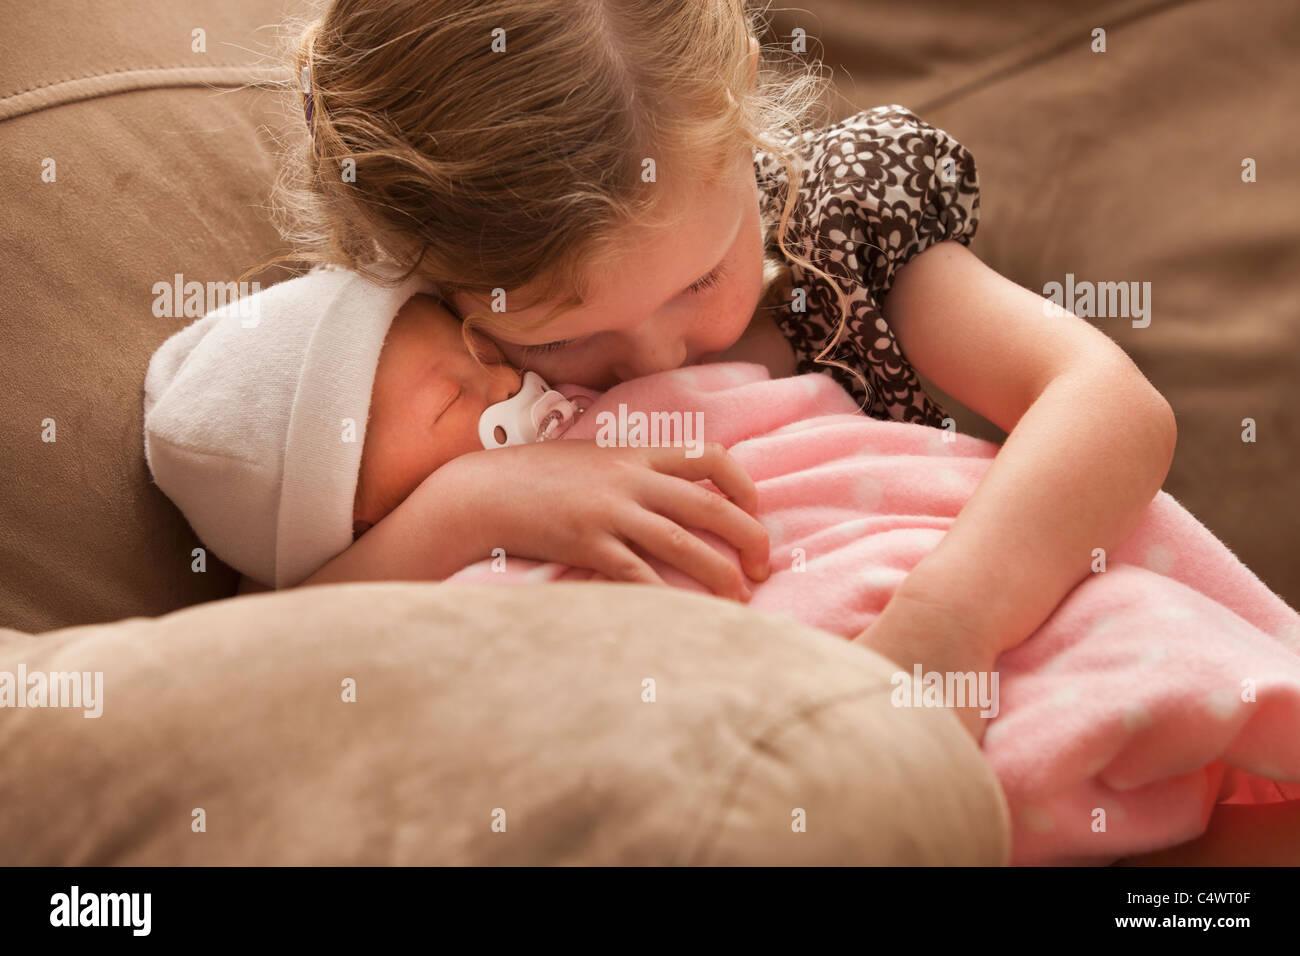 USA,Utah,Lehi,Girl (2-3) embracing baby sister on sofa Stock Photo